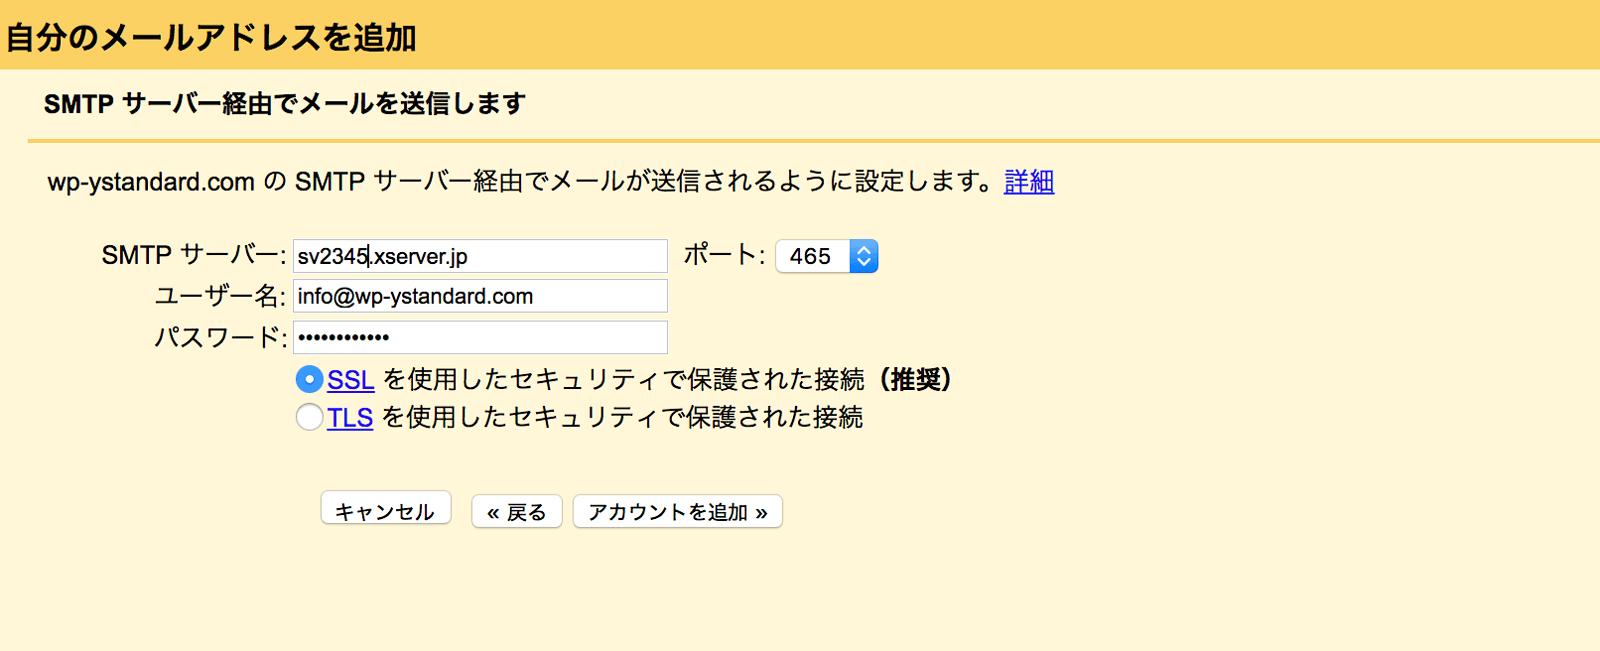 SMTPサーバー情報などを入力します